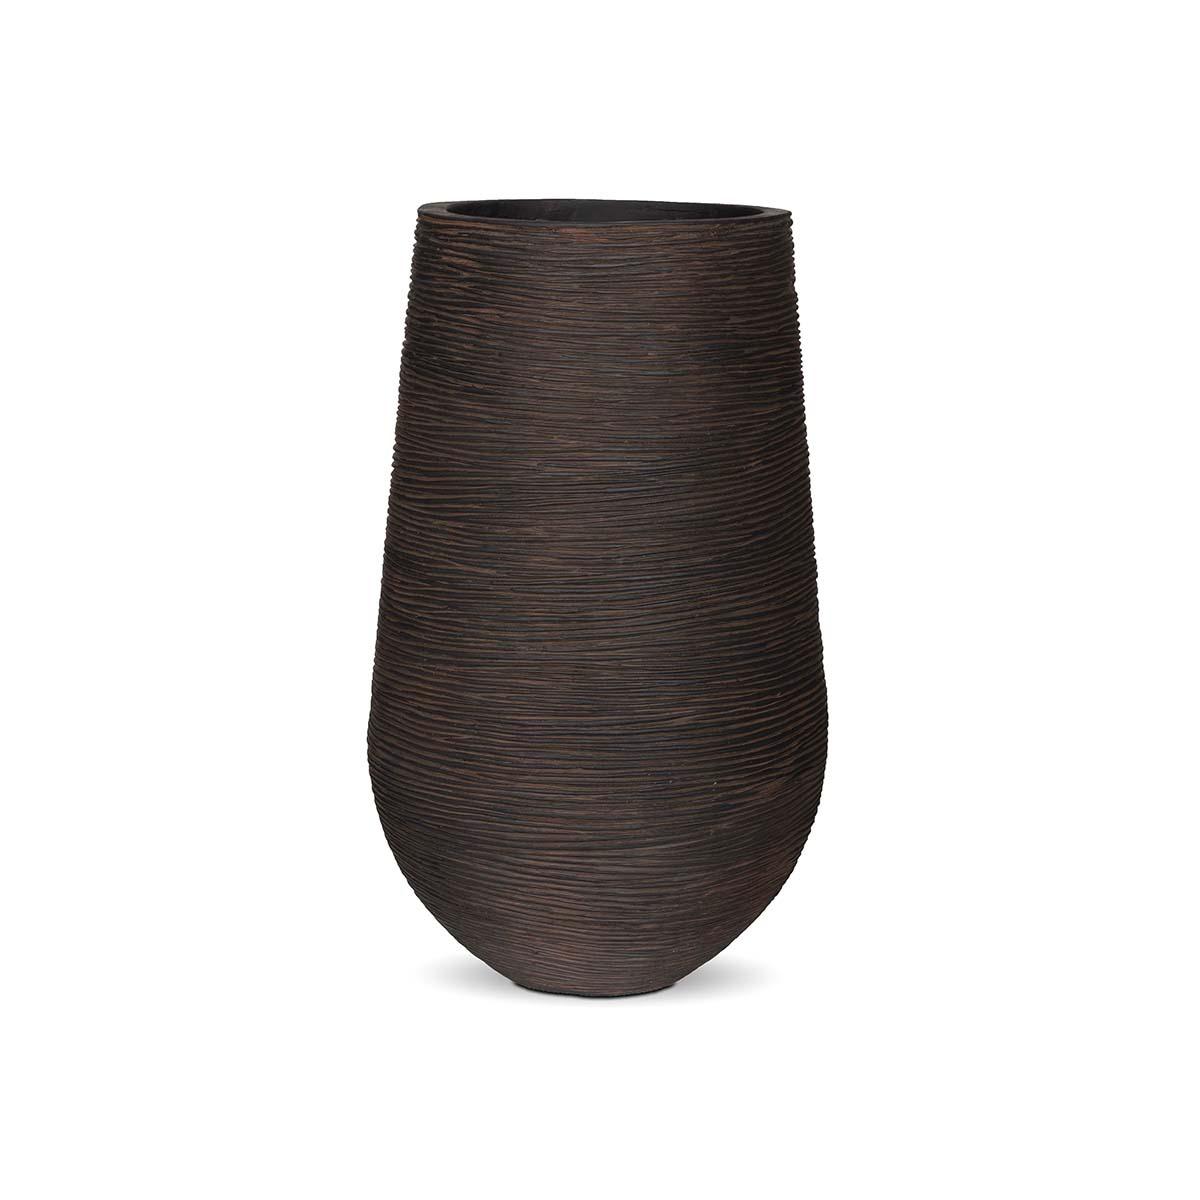 Pot palm strié marron